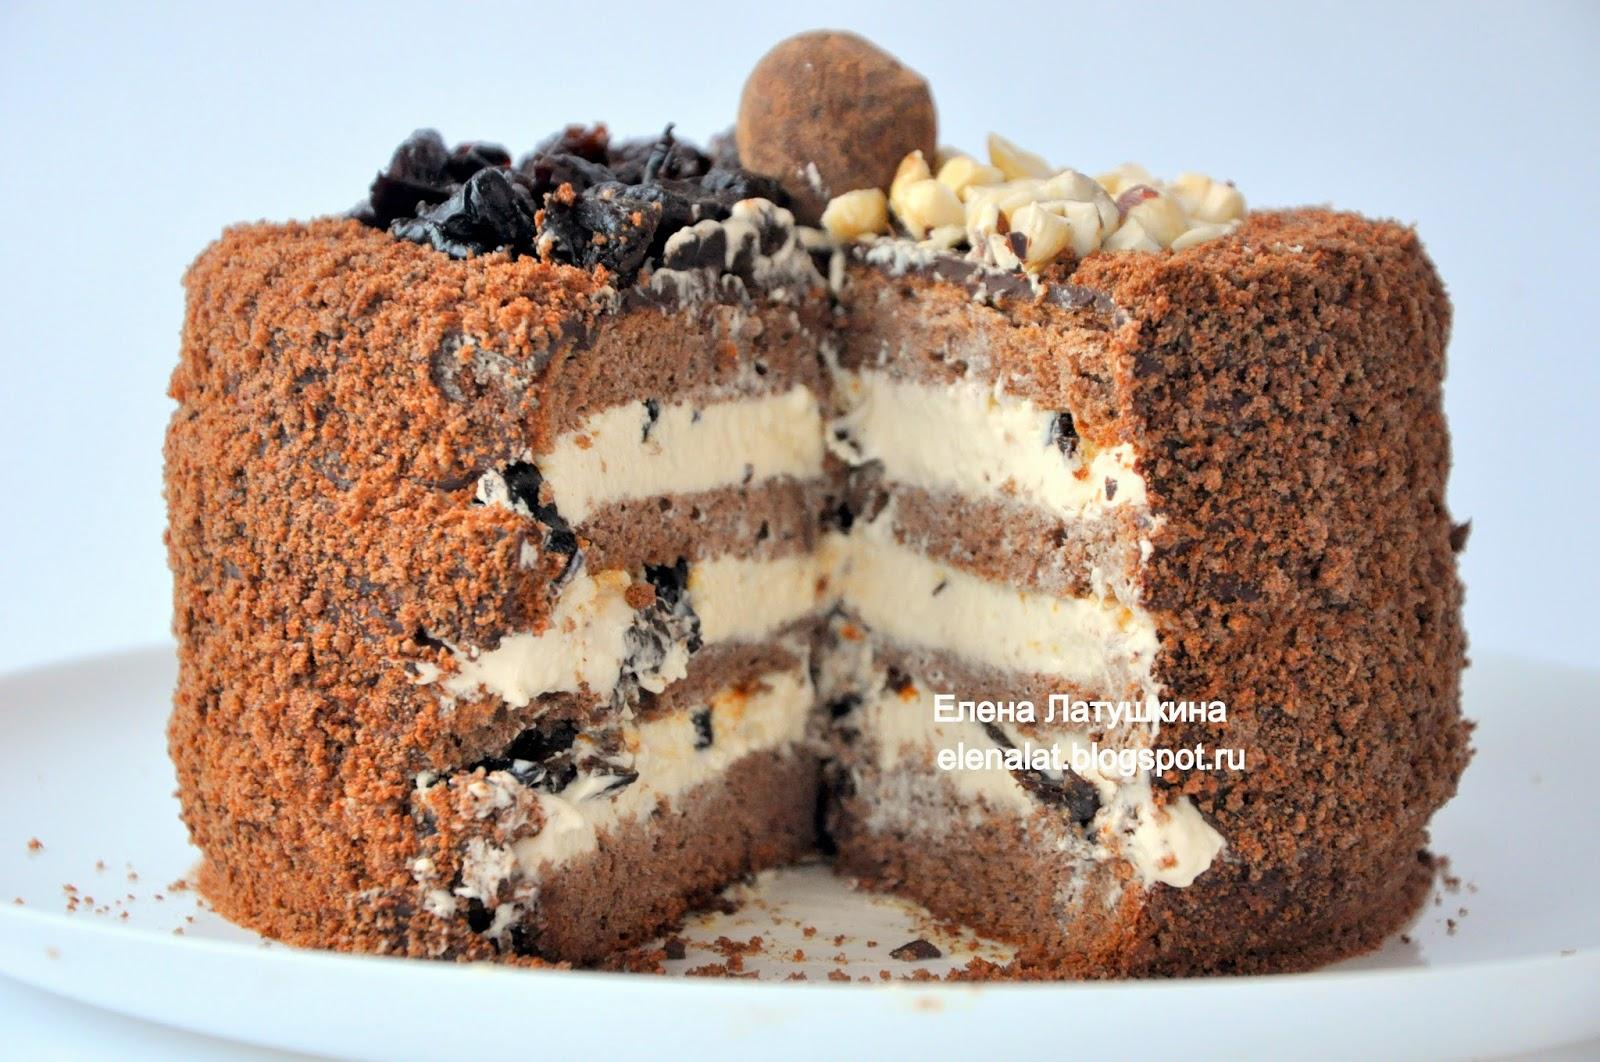 Шоколадный торт с кремом рецепт